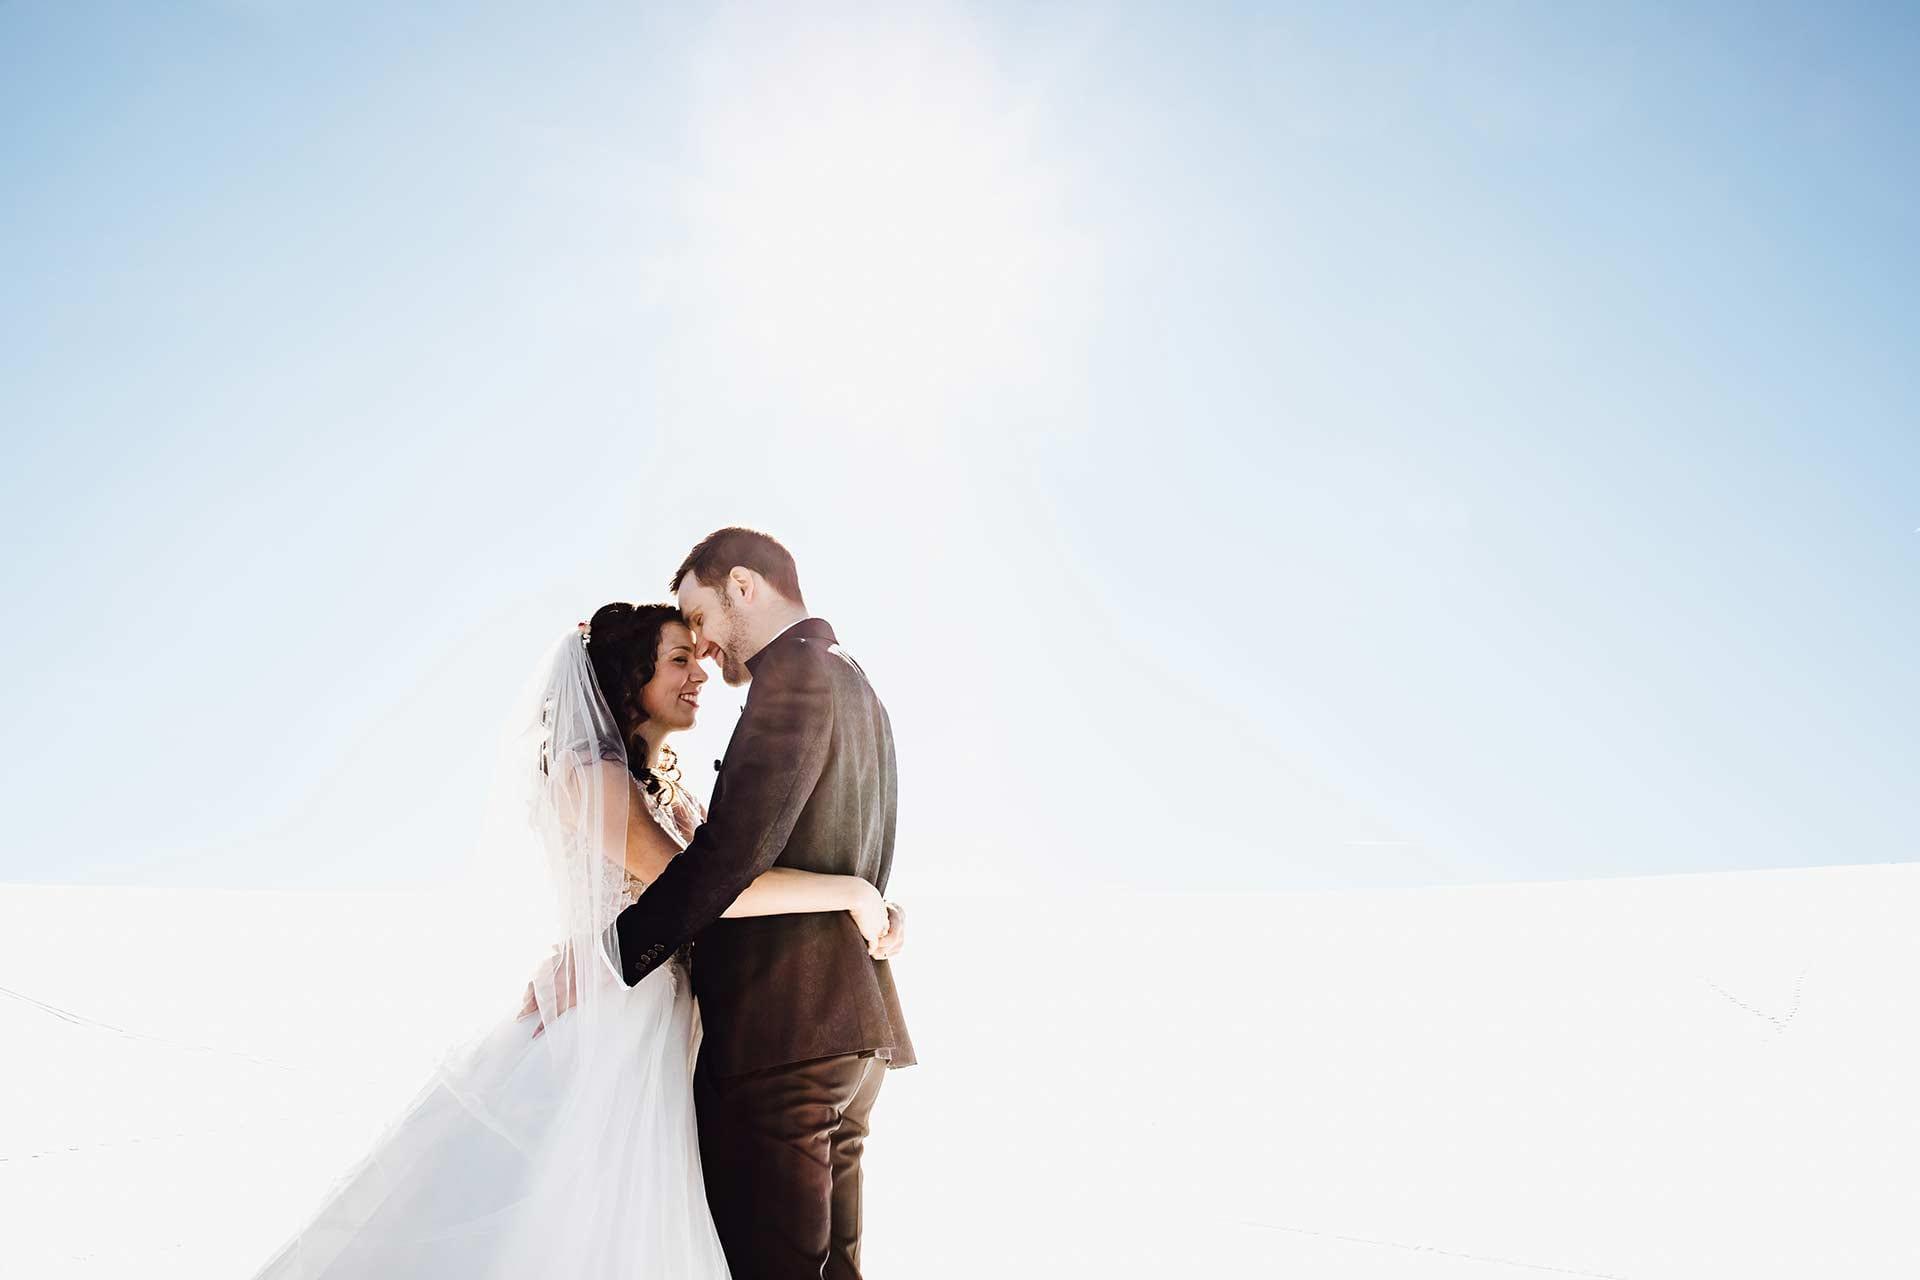 Als Hochzeitsfotograf im Schwarzwald auf dem Öschberghof. Brautpaar steht in einer Winterlandschaft, umgeben von Schnee. Die Sonne scheint und taucht die Umgebung und den Himmel in ein herrliches weiß. Das Brautpaar befindet sich in einer Umarmung und haben ihre Köpfe Stirn an Stirn aneinander gelegt.